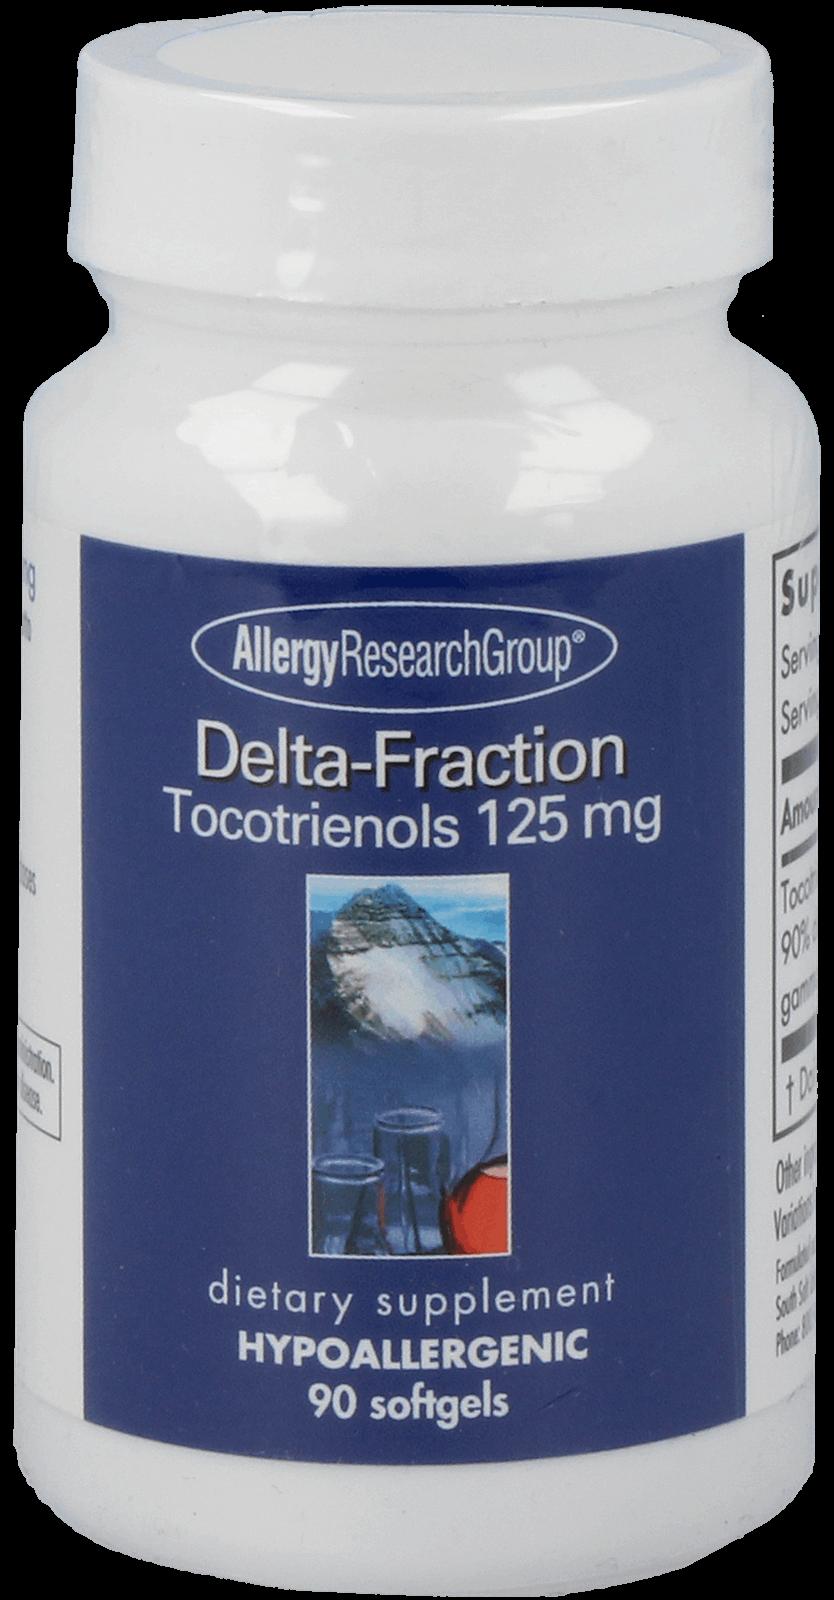 Delta-Fraction Tocotrienols 125mg